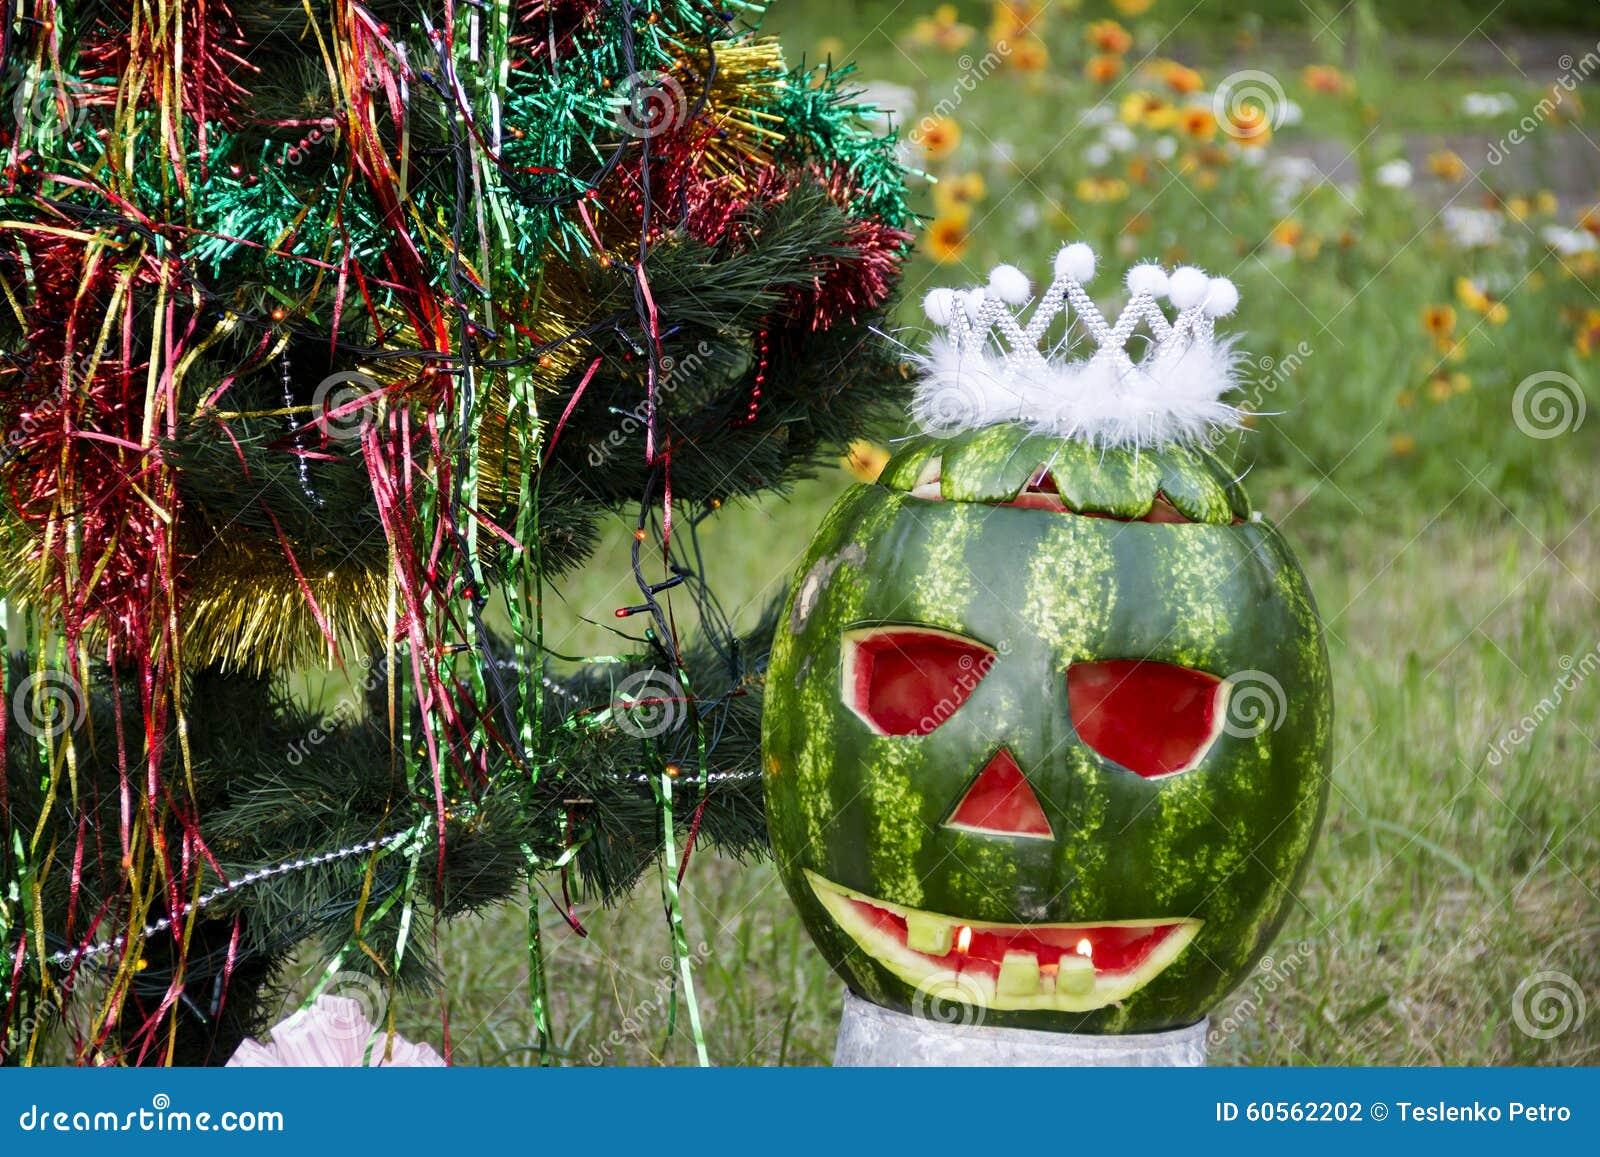 pastèque de halloweens sous l'arbre de noël photo stock - image du